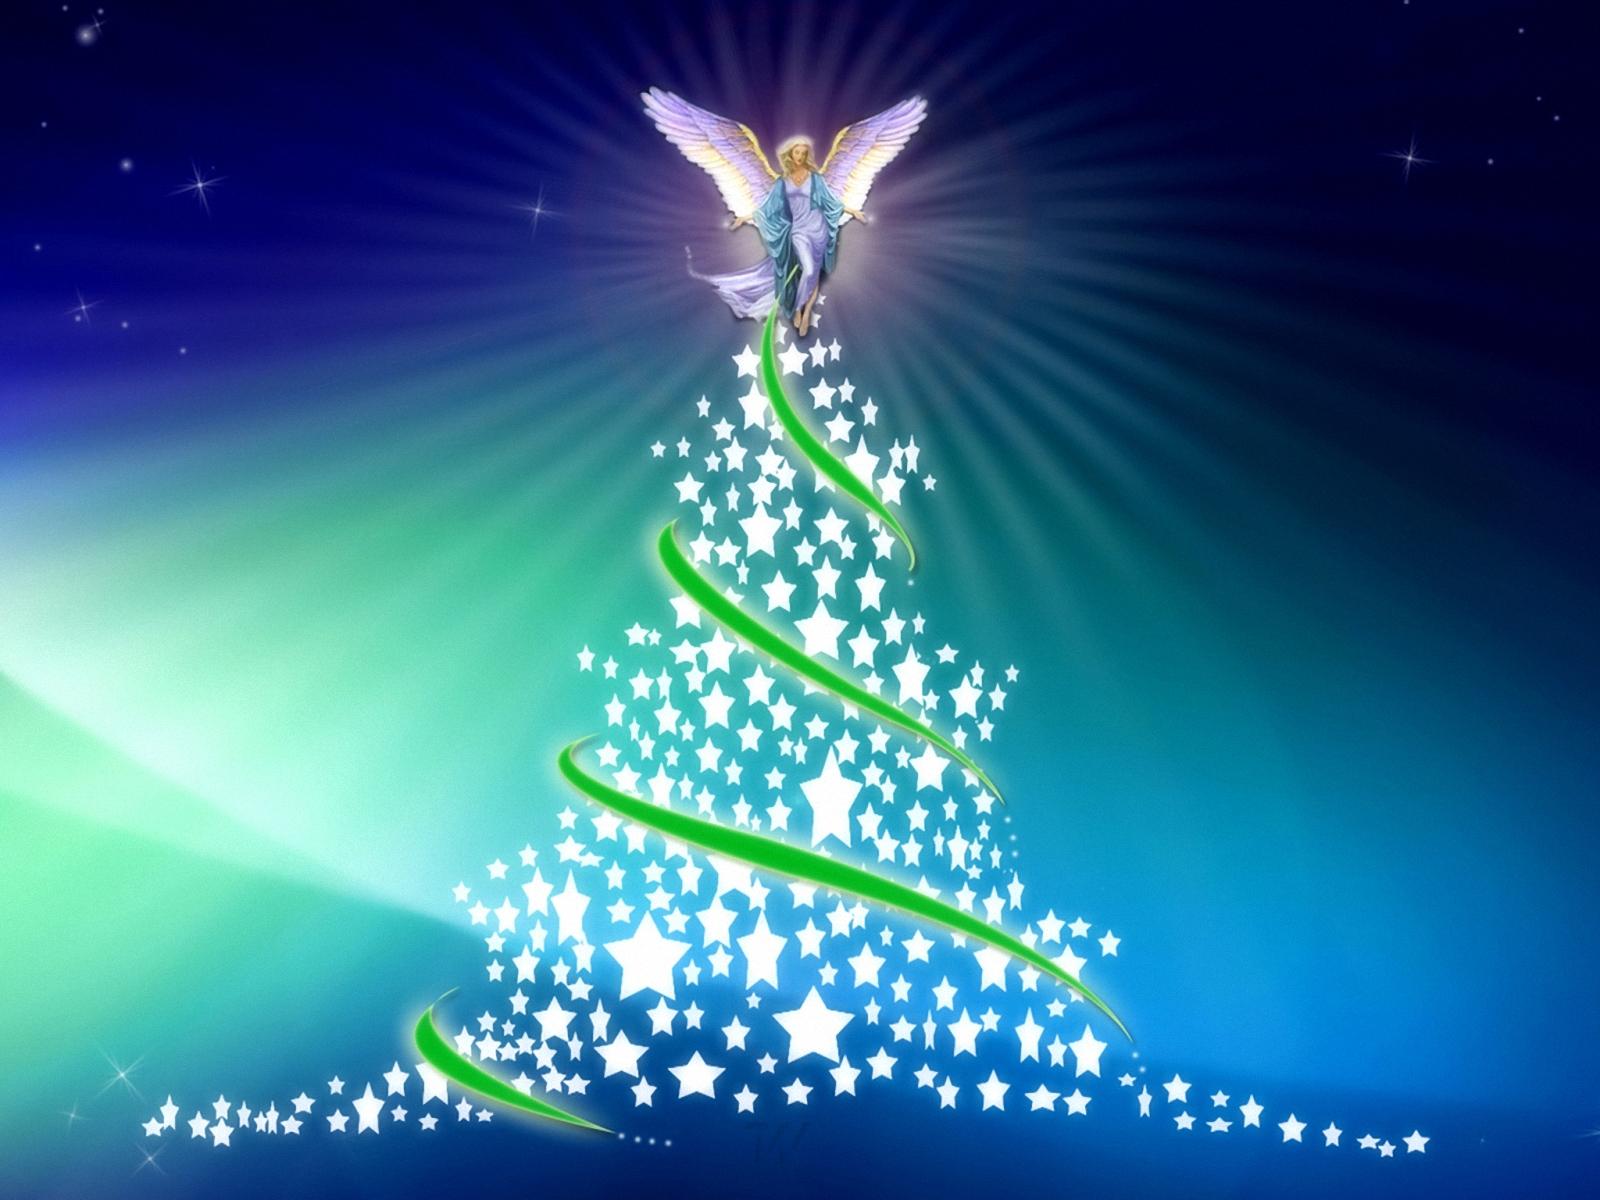 Felicitaci n de navidad aprendices del mundo - Arboles para navidad ...